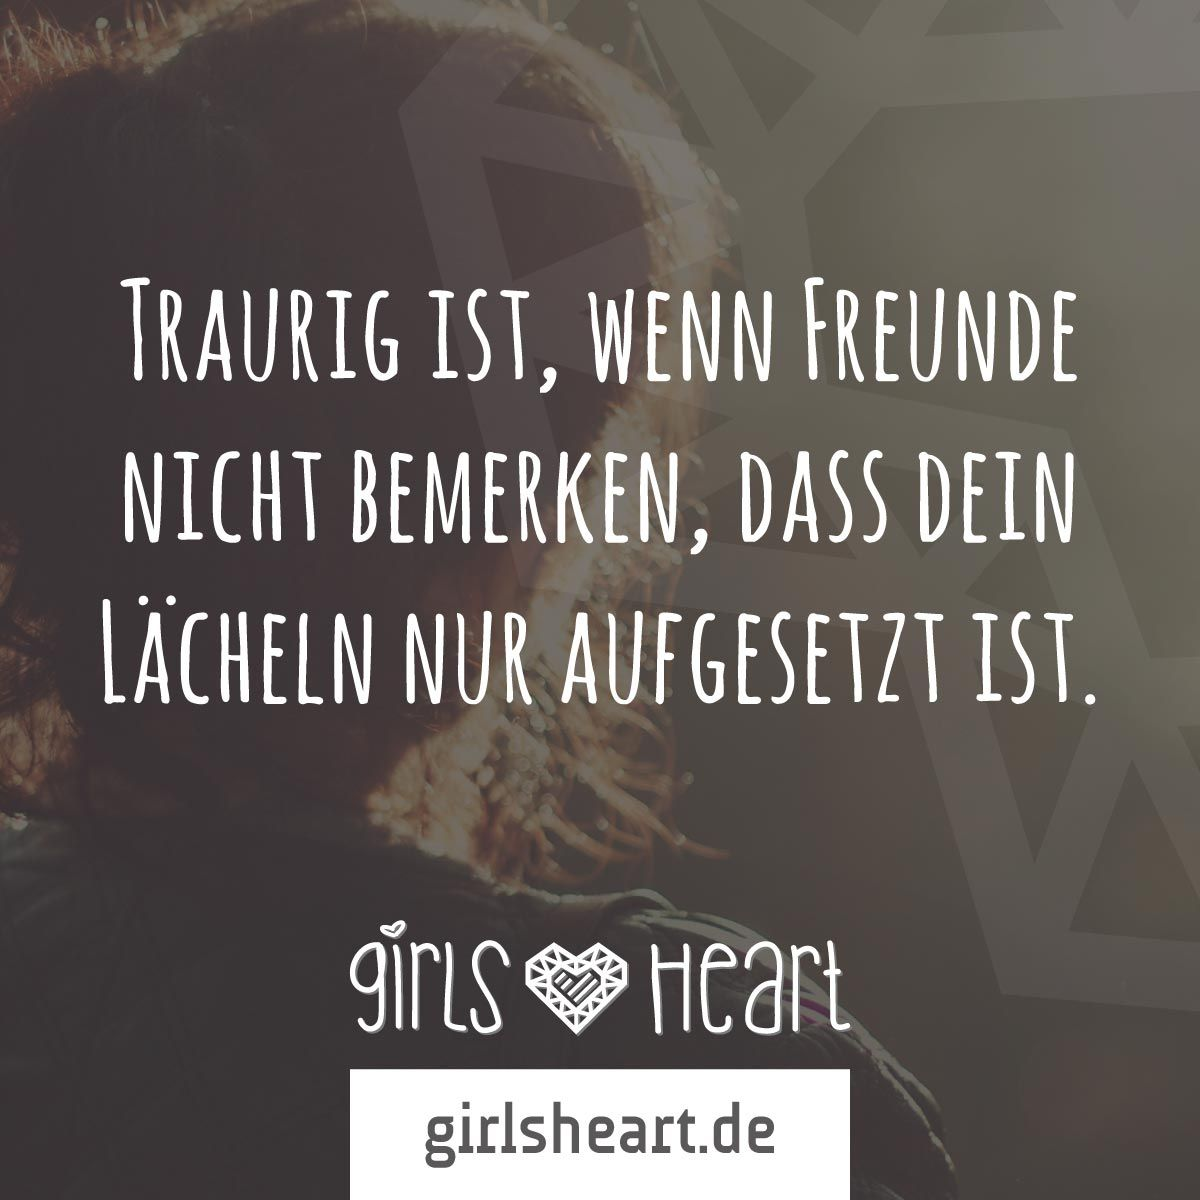 traurige freundschaft sprüche Mehr Sprüche auf: .girlsheart.de #trauer #freunde #lächeln  traurige freundschaft sprüche